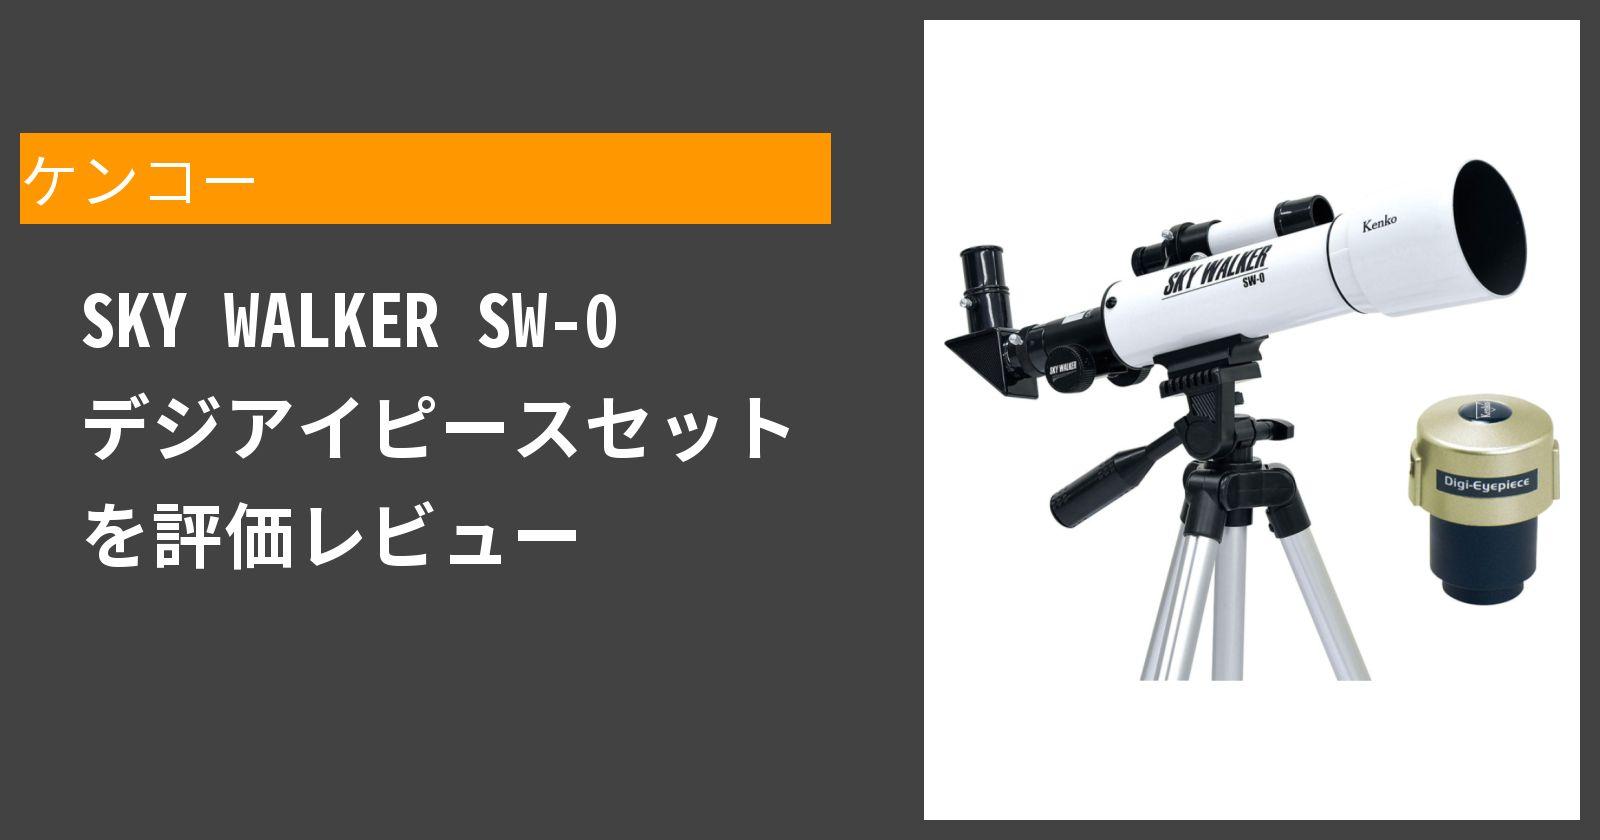 SKY WALKER SW-0 デジアイピースセットを徹底評価